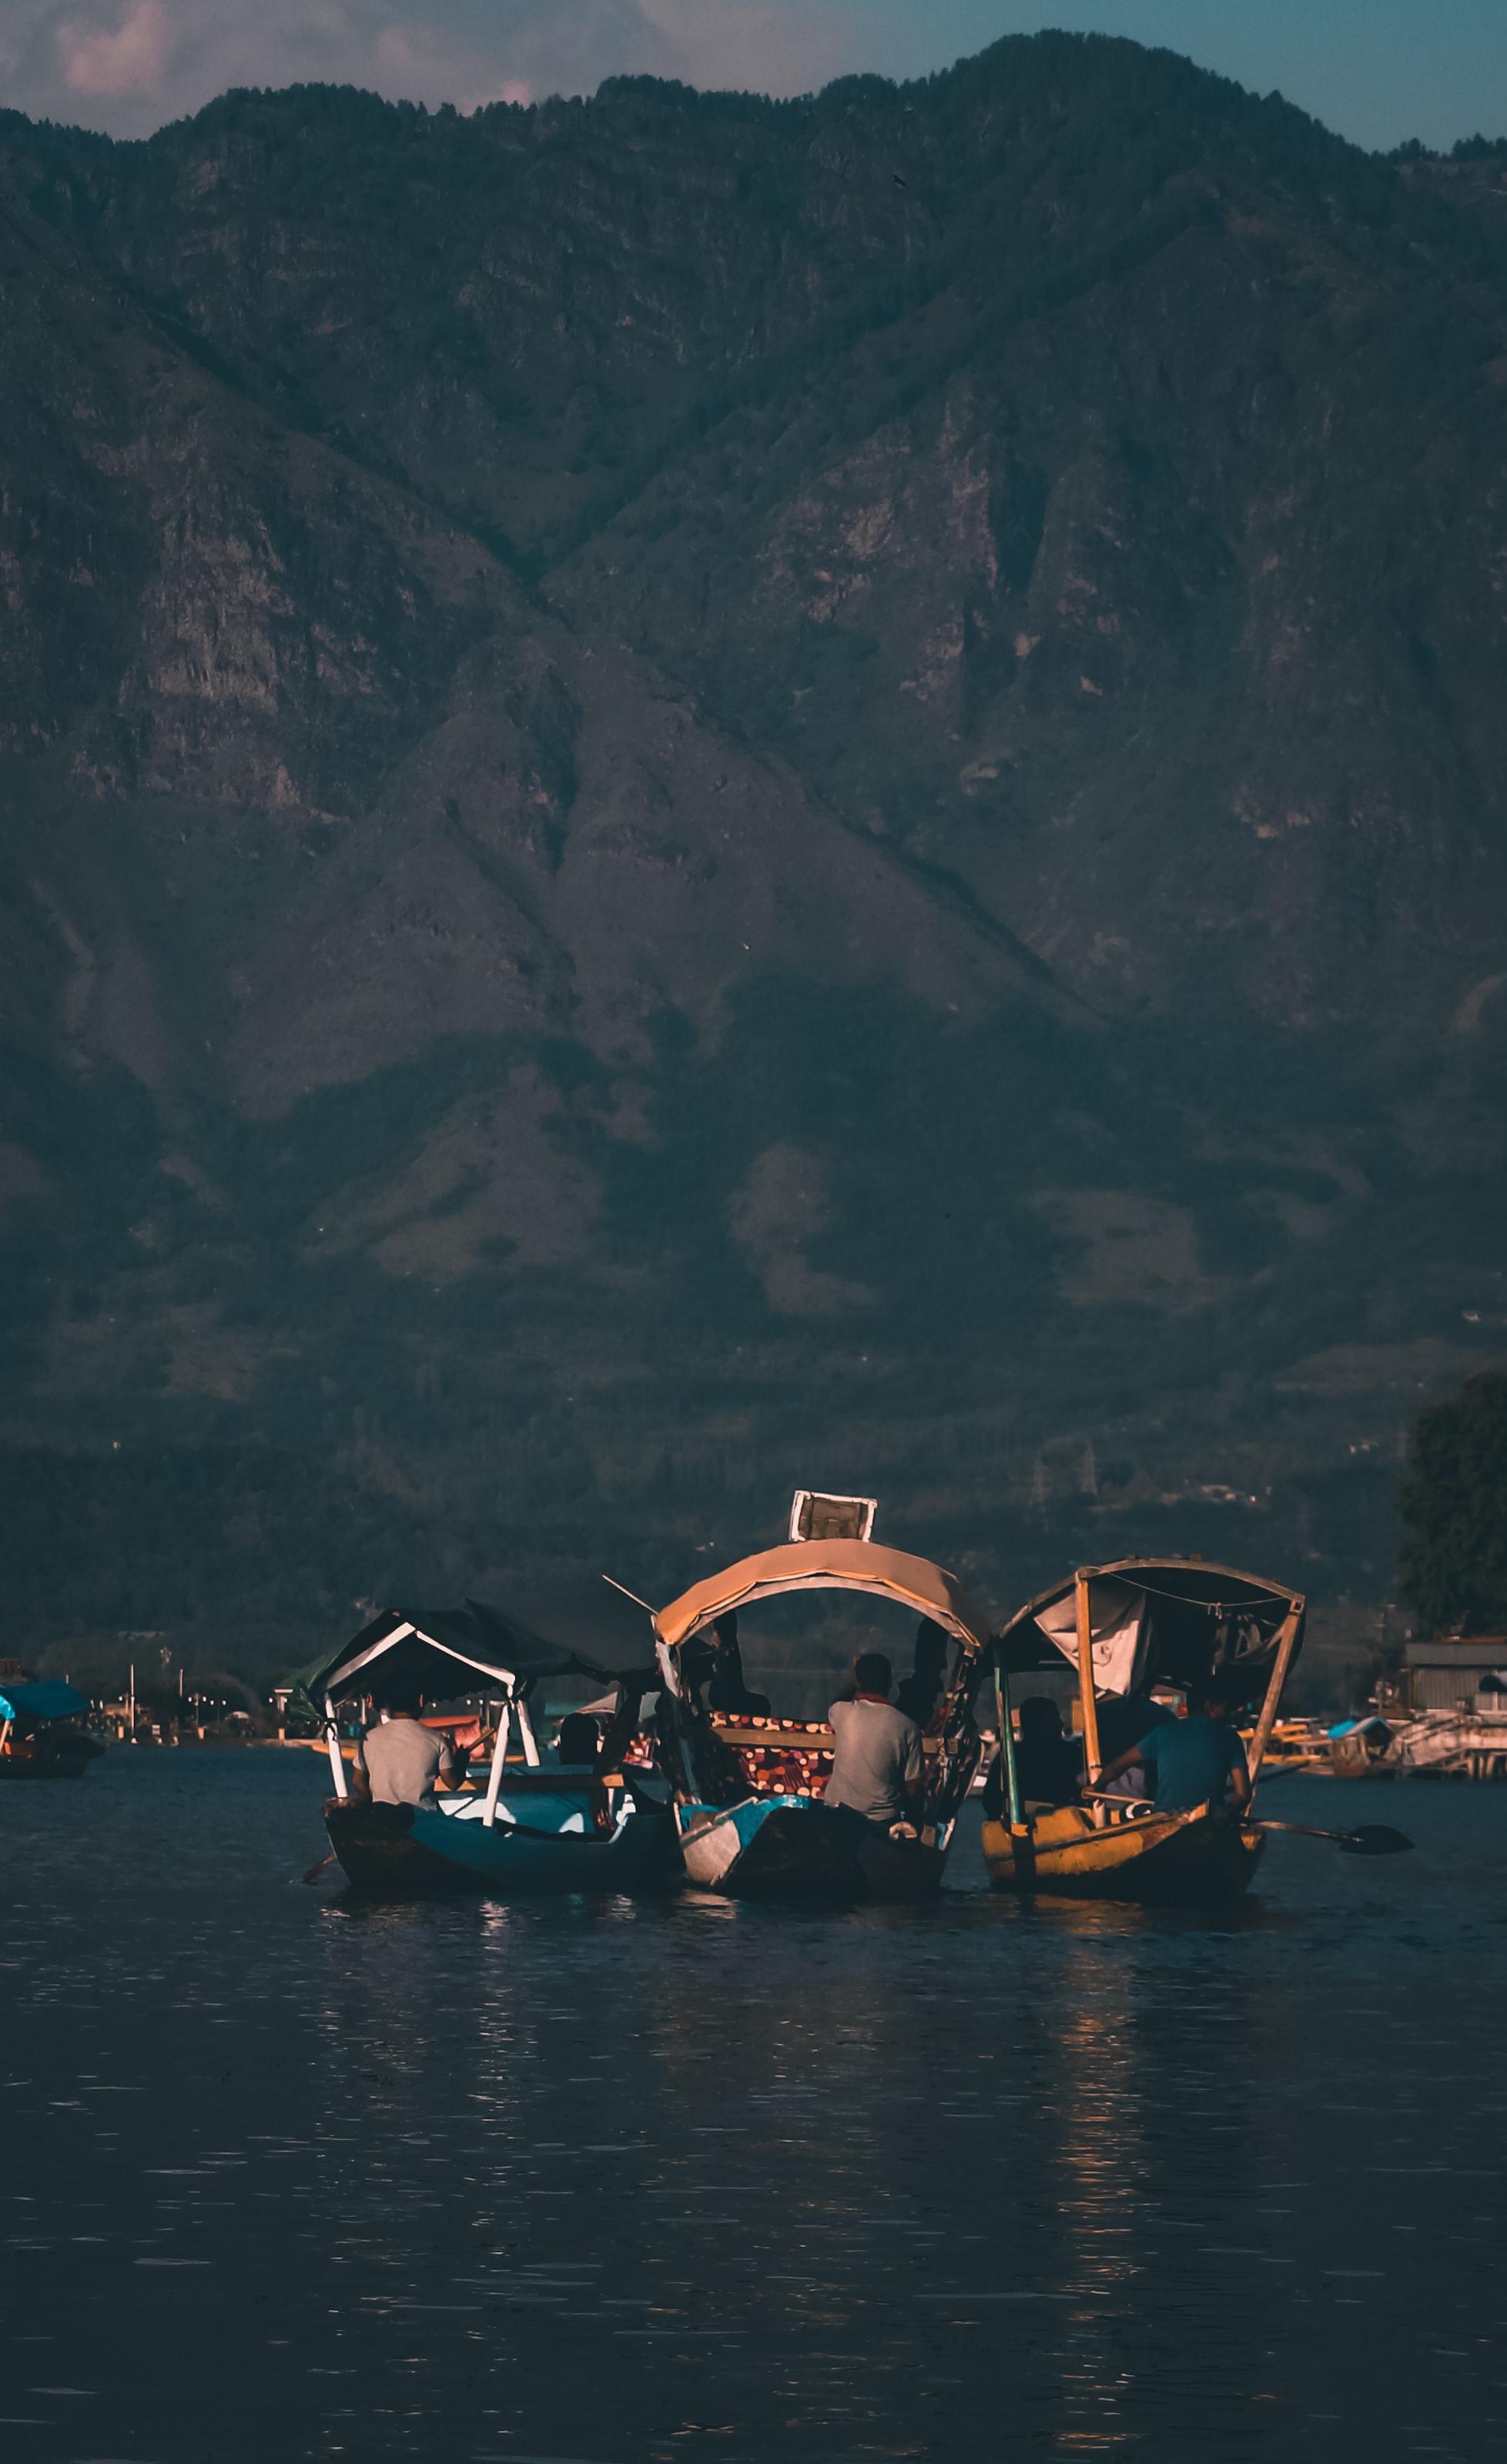 जम्मू-कश्मीर: भगाए गए प्रवासियों की संपत्ति वापस दिलाने पर काम शुरू हुआ